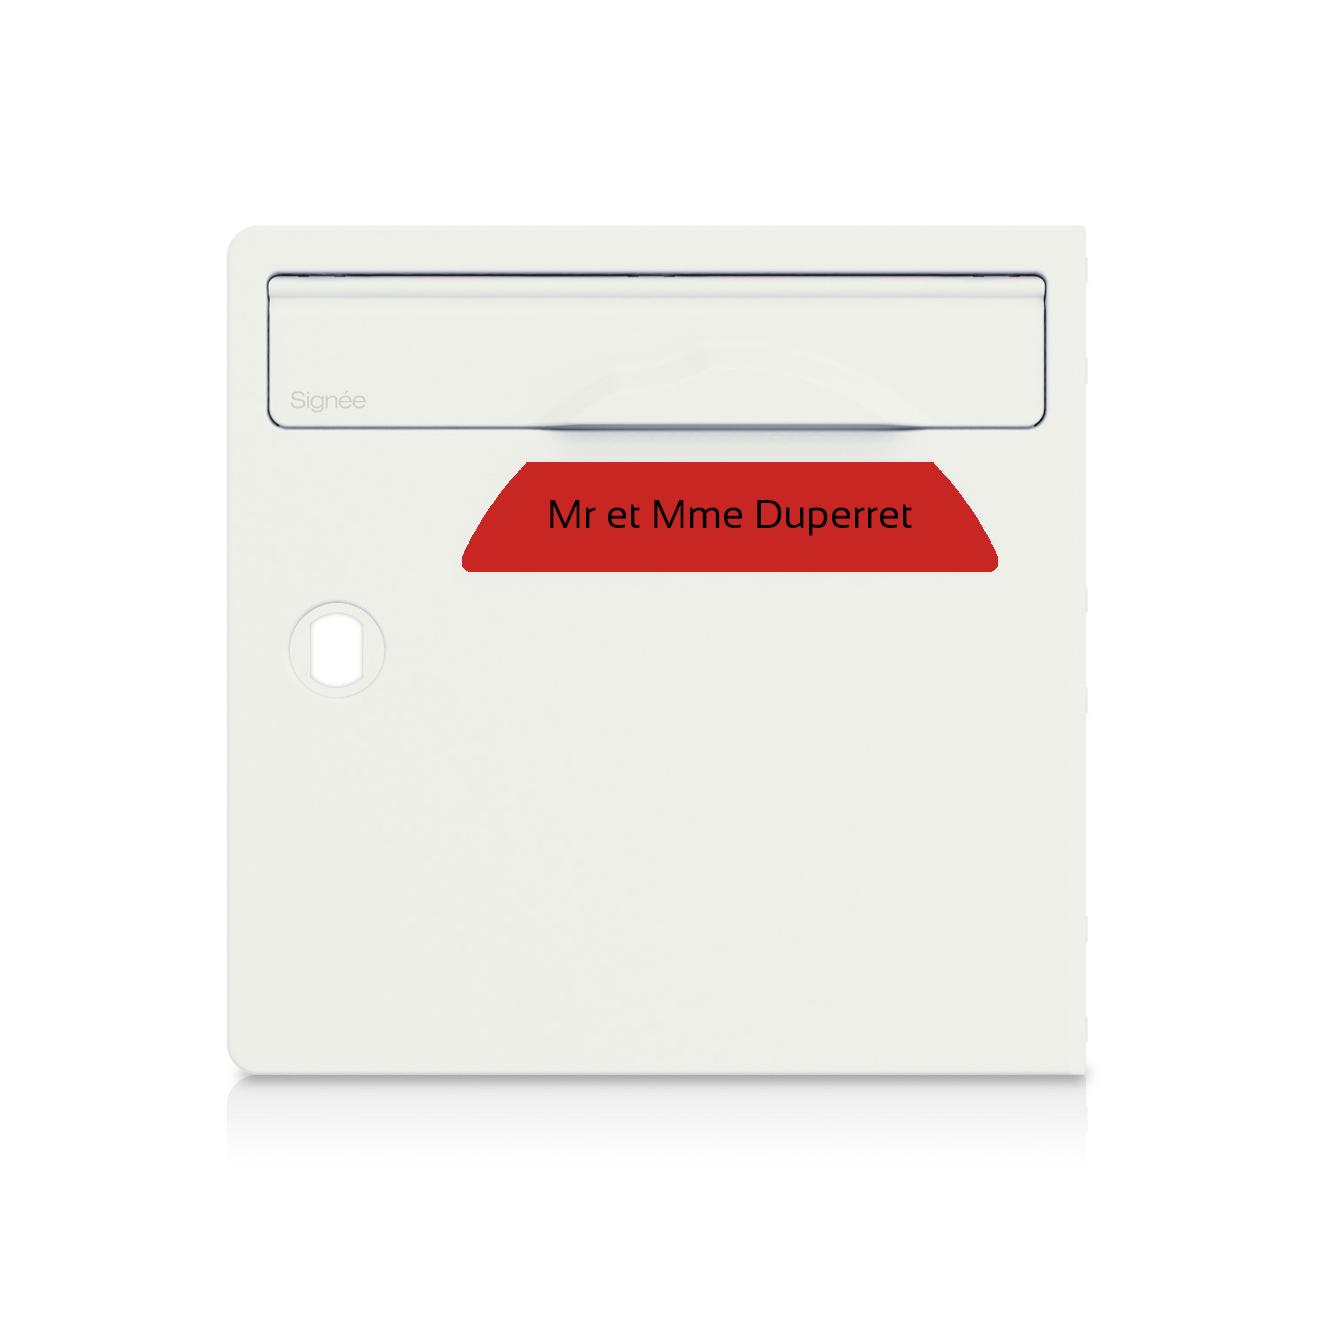 Plaque boite aux lettres Signée rouge lettres noires - 1 ligne